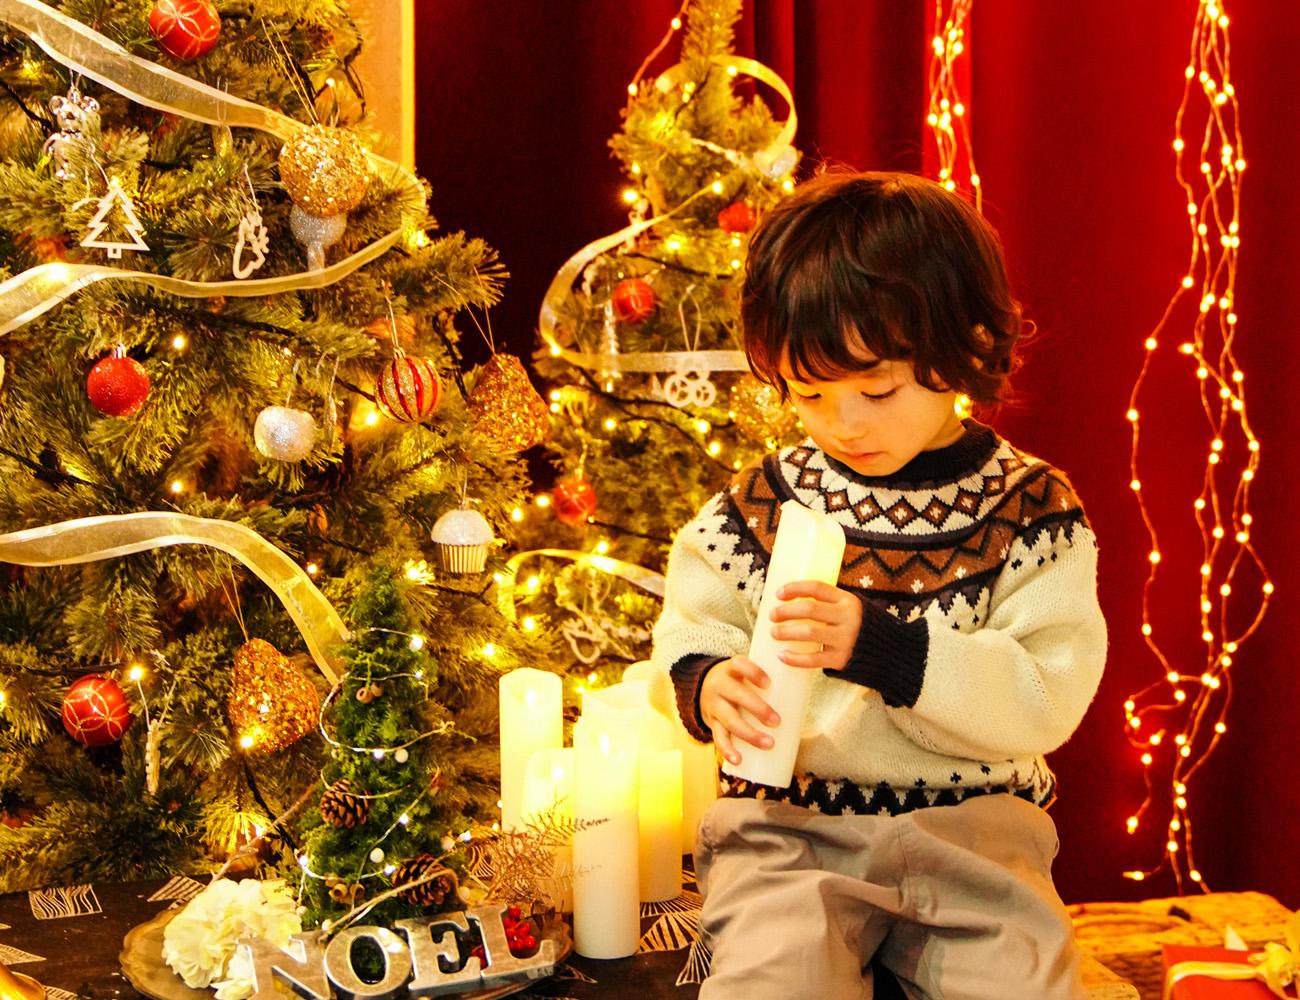 クリスマスフォト 撮影会より